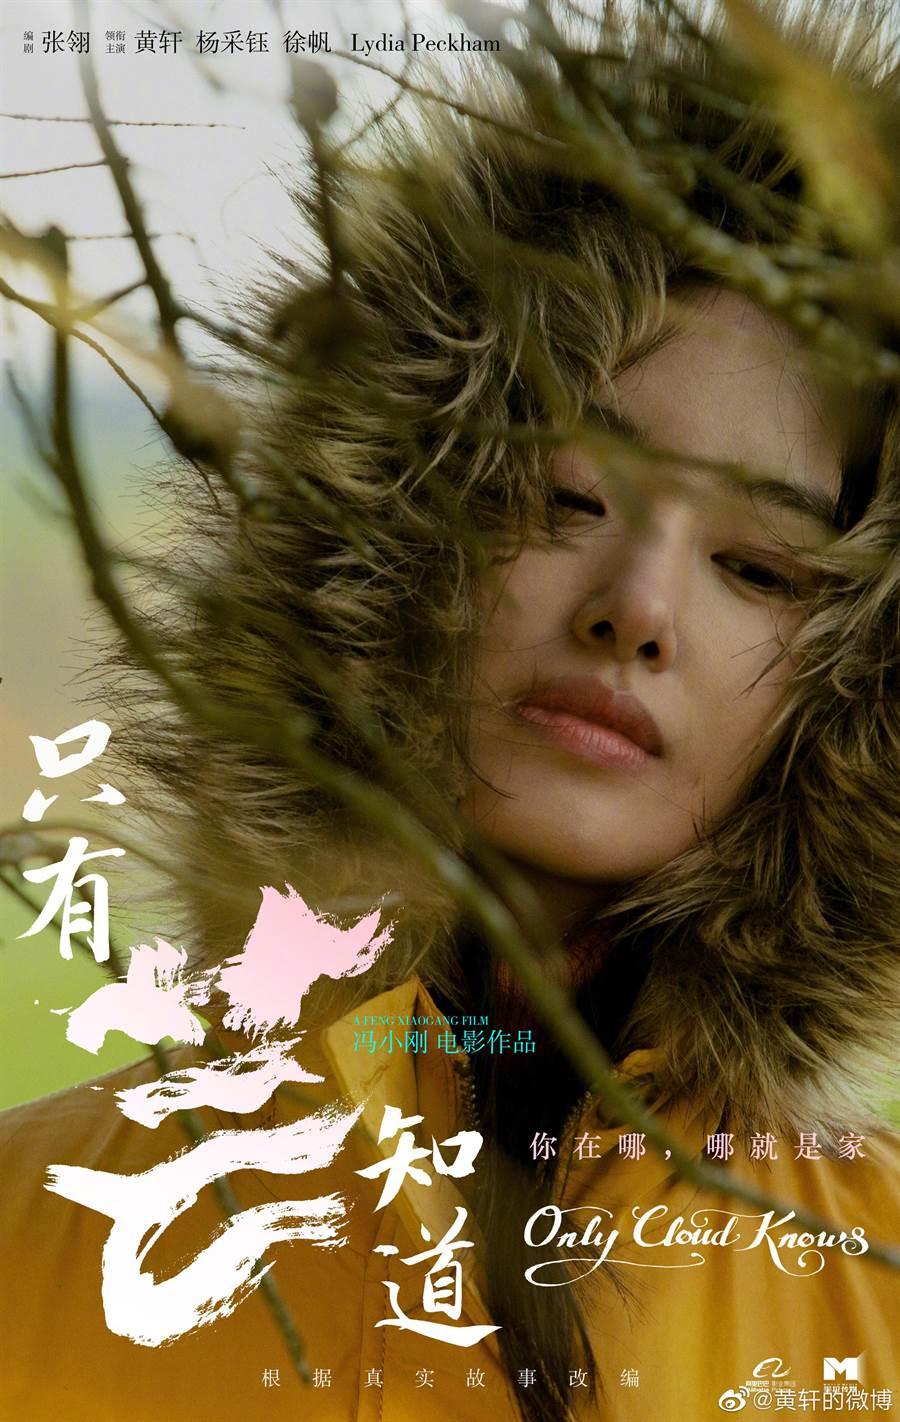 真实爱情故事改编!冯小刚新片《只有芸知道》海报正式曝光